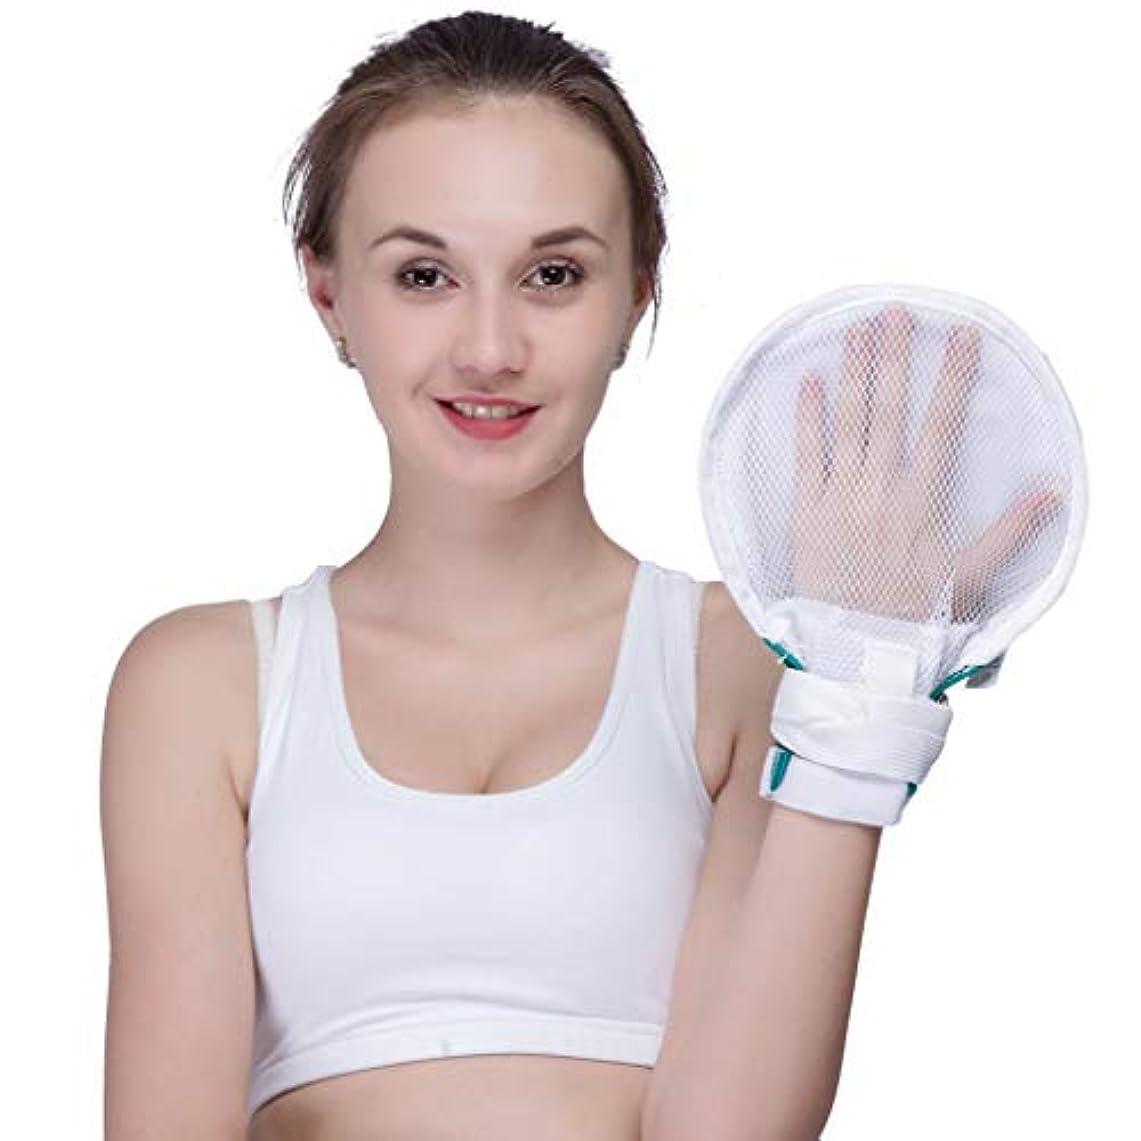 服を片付ける換気損失医療用コントロールミット - 認知症用手袋安全手袋患者用手感染プロテクター自己害を防ぐためのパッド入りミット